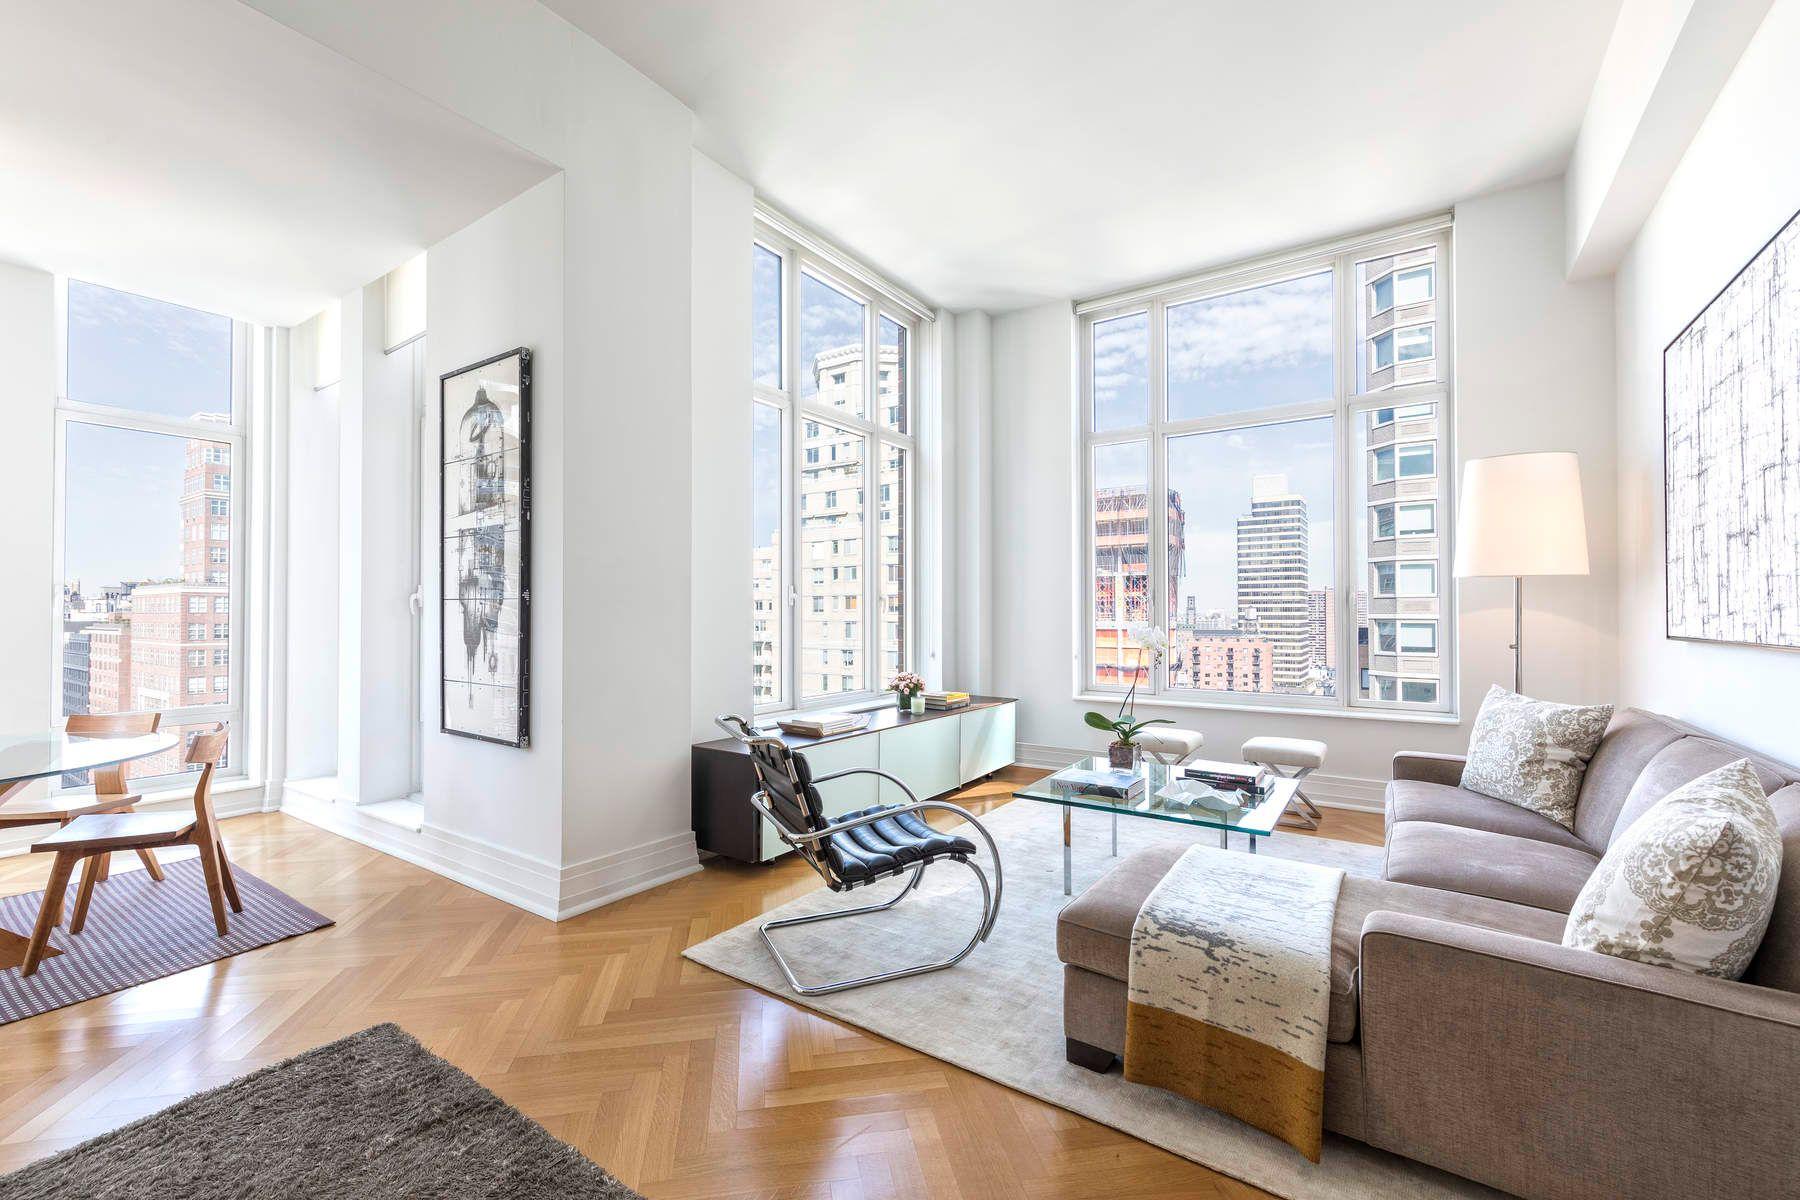 Condomínio para Venda às 205 East 85th Street, Apt. 20D 205 East 85th Street Apt 20D, Upper East Side, New York, Nova York, 10028 Estados Unidos